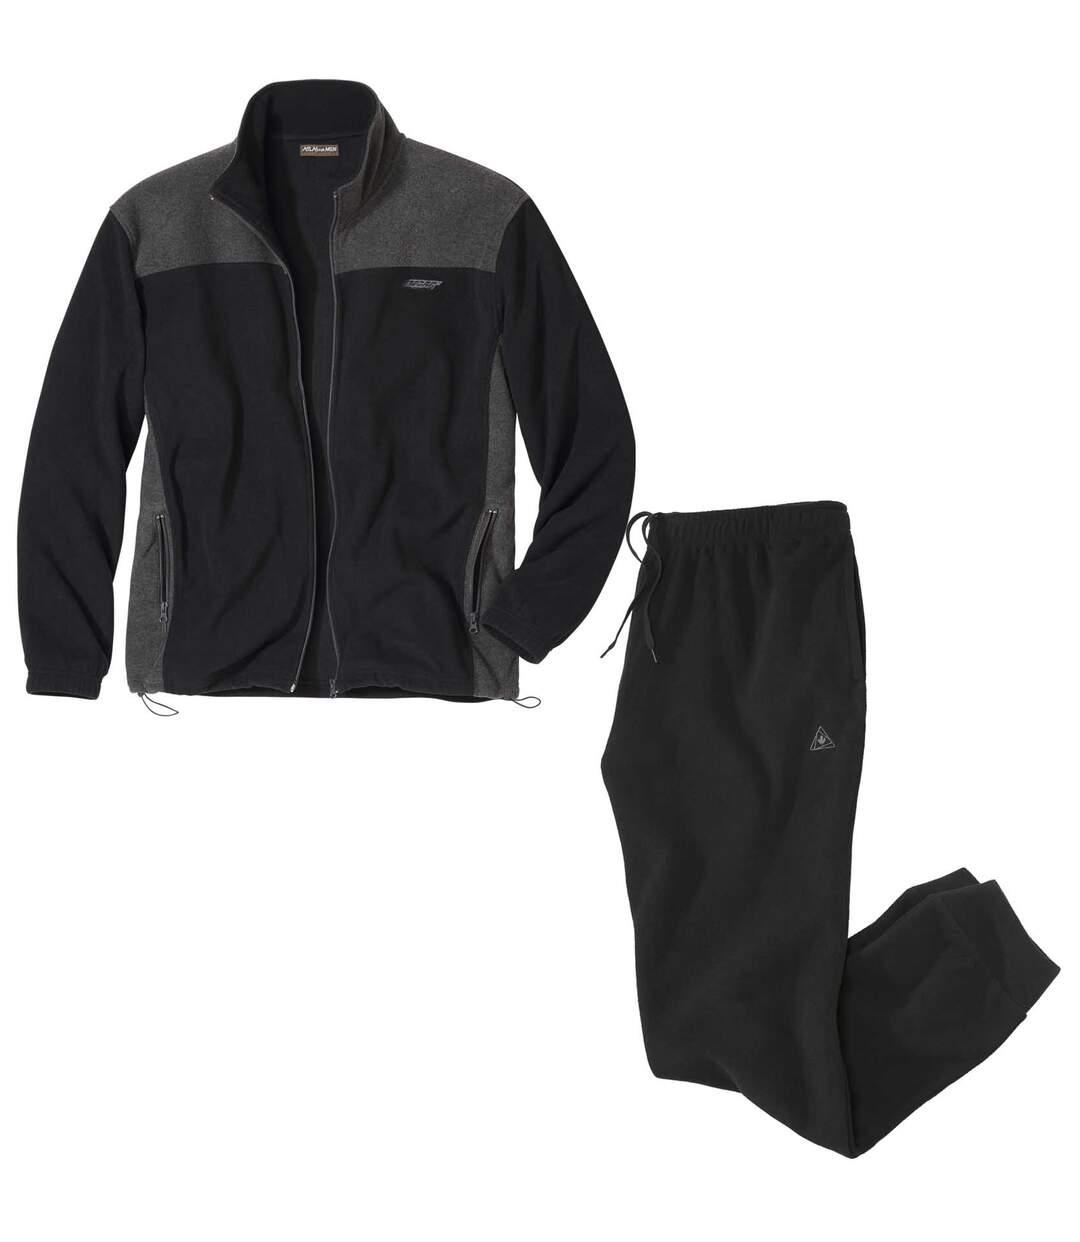 Bequemer Jogging-Anzug aus Fleece